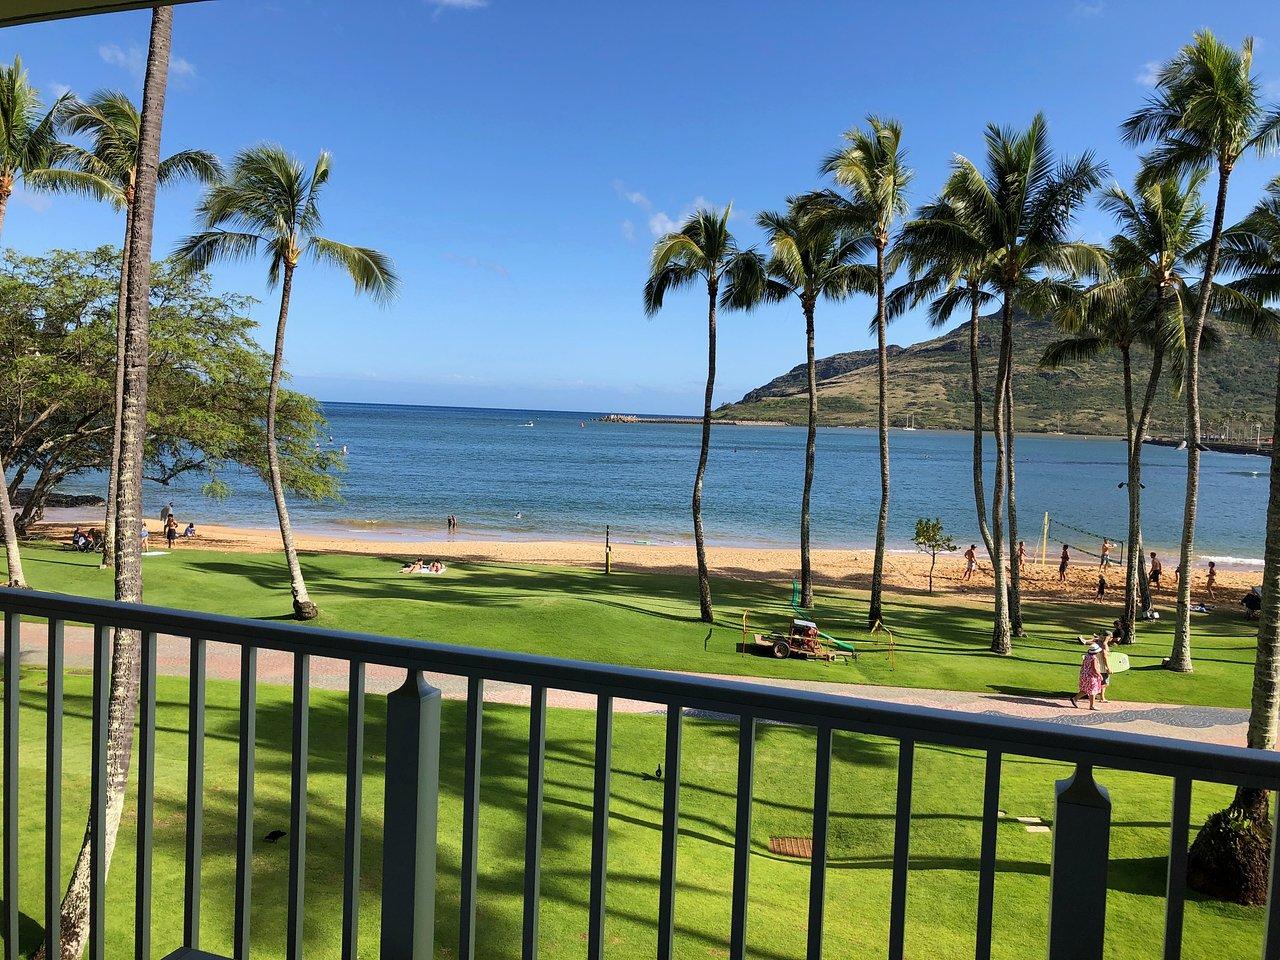 Marriott's Kauai Beach Club Balcony